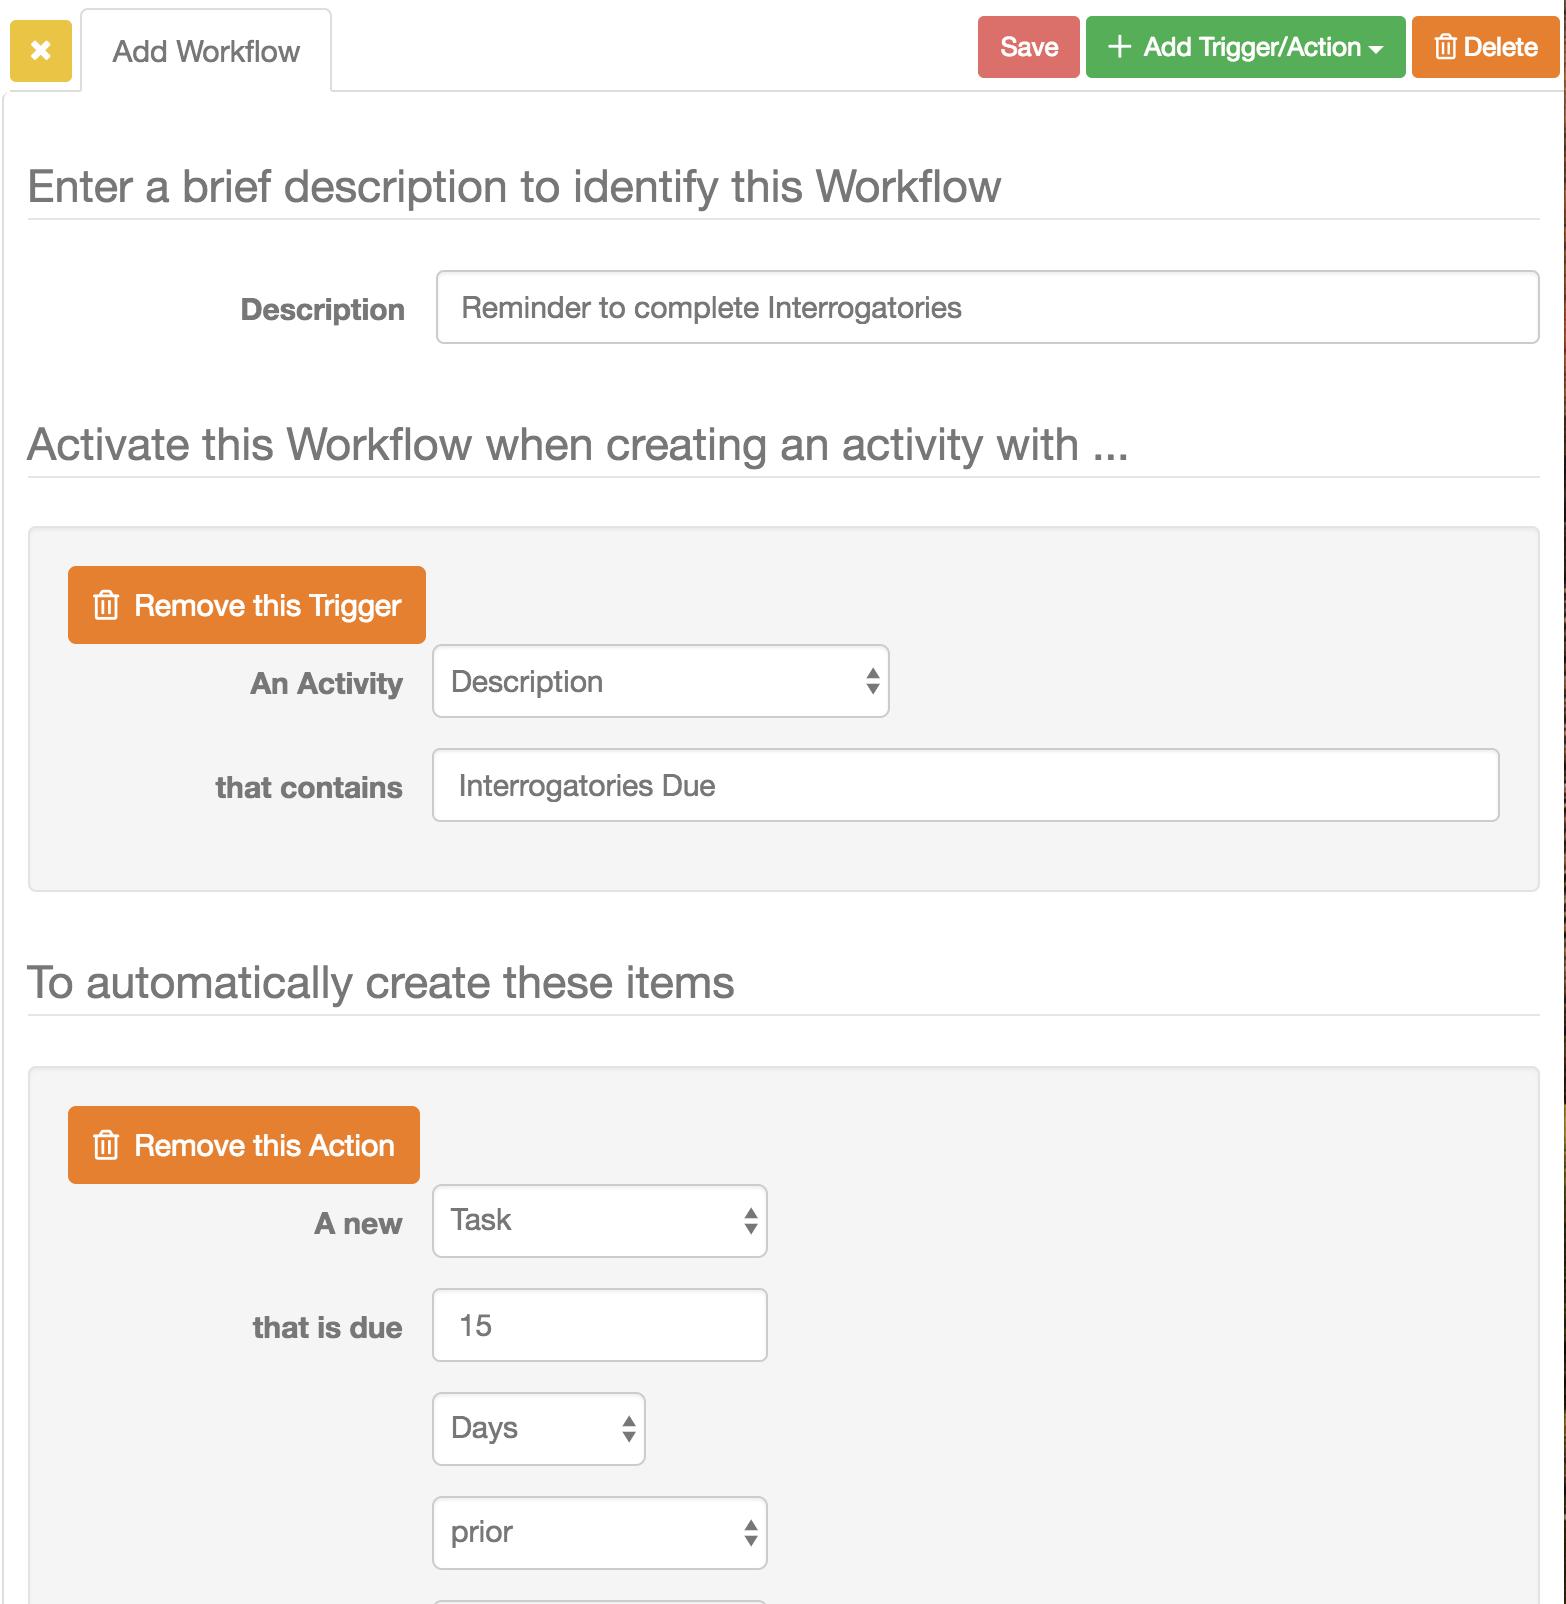 Add Workflow Screen